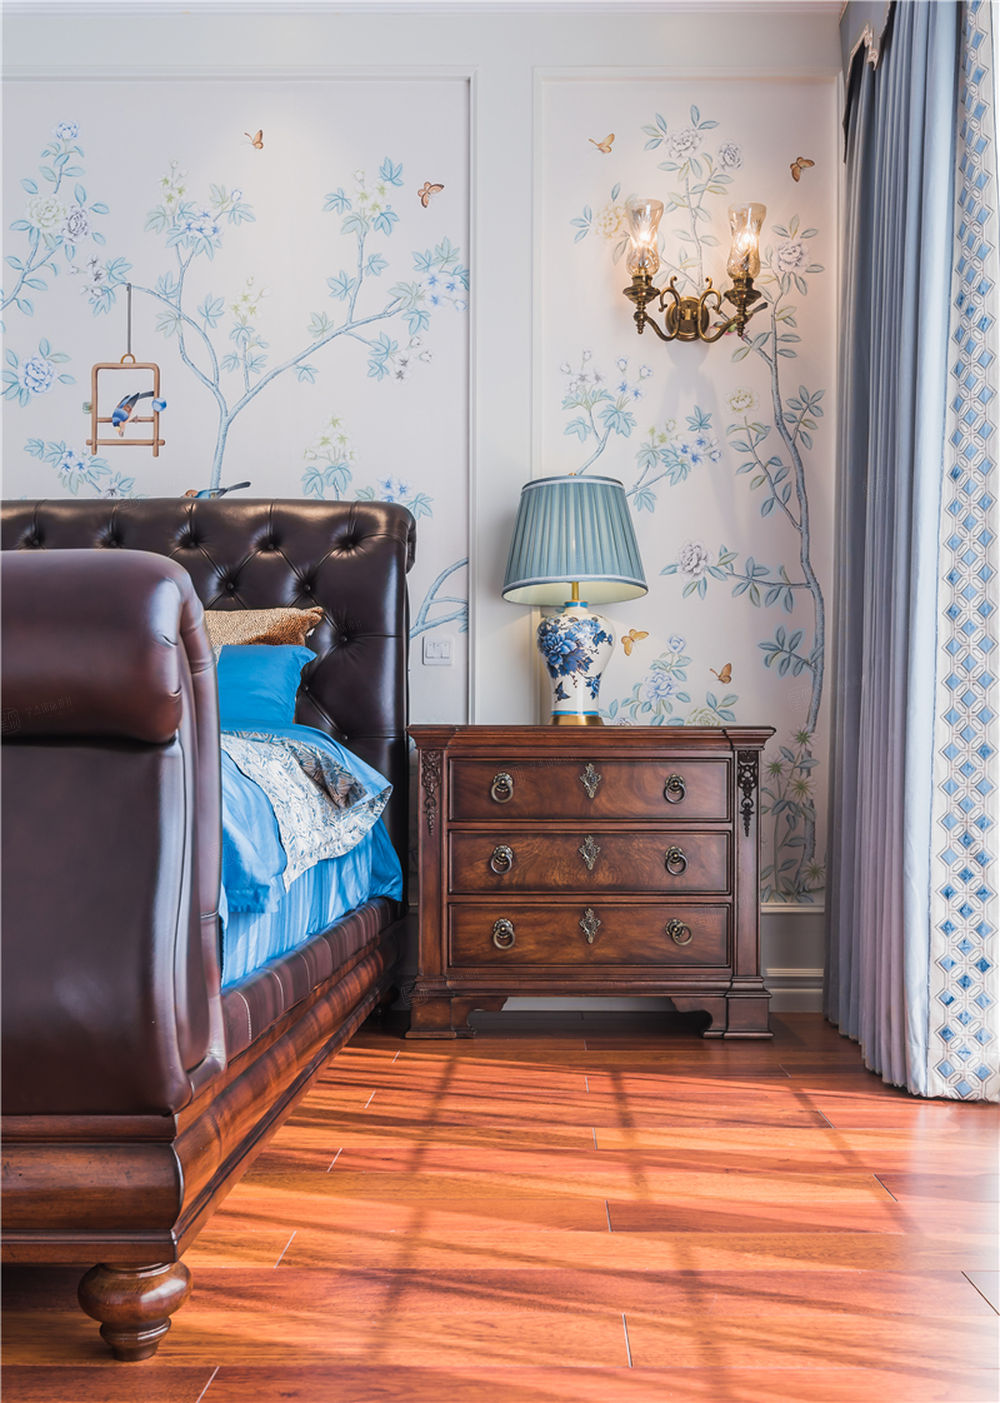 十九尊实景 法式装修卧室效果图